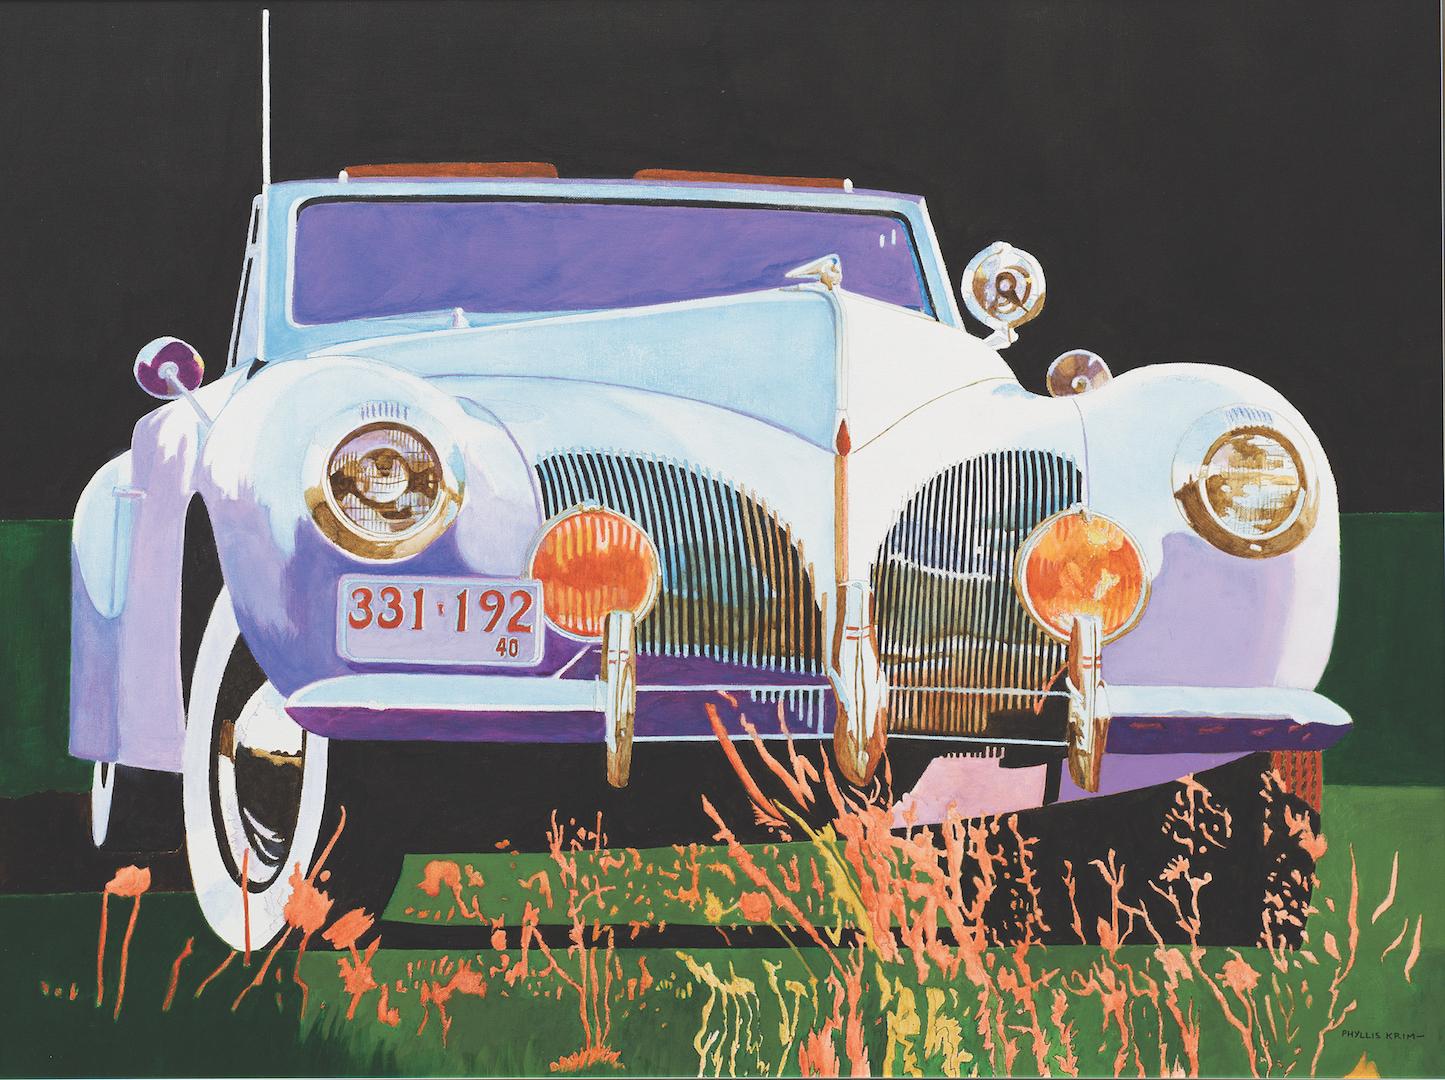 """1940 Lincoln,  Acrylic on Canvas, 30"""" x 40"""", 2004"""